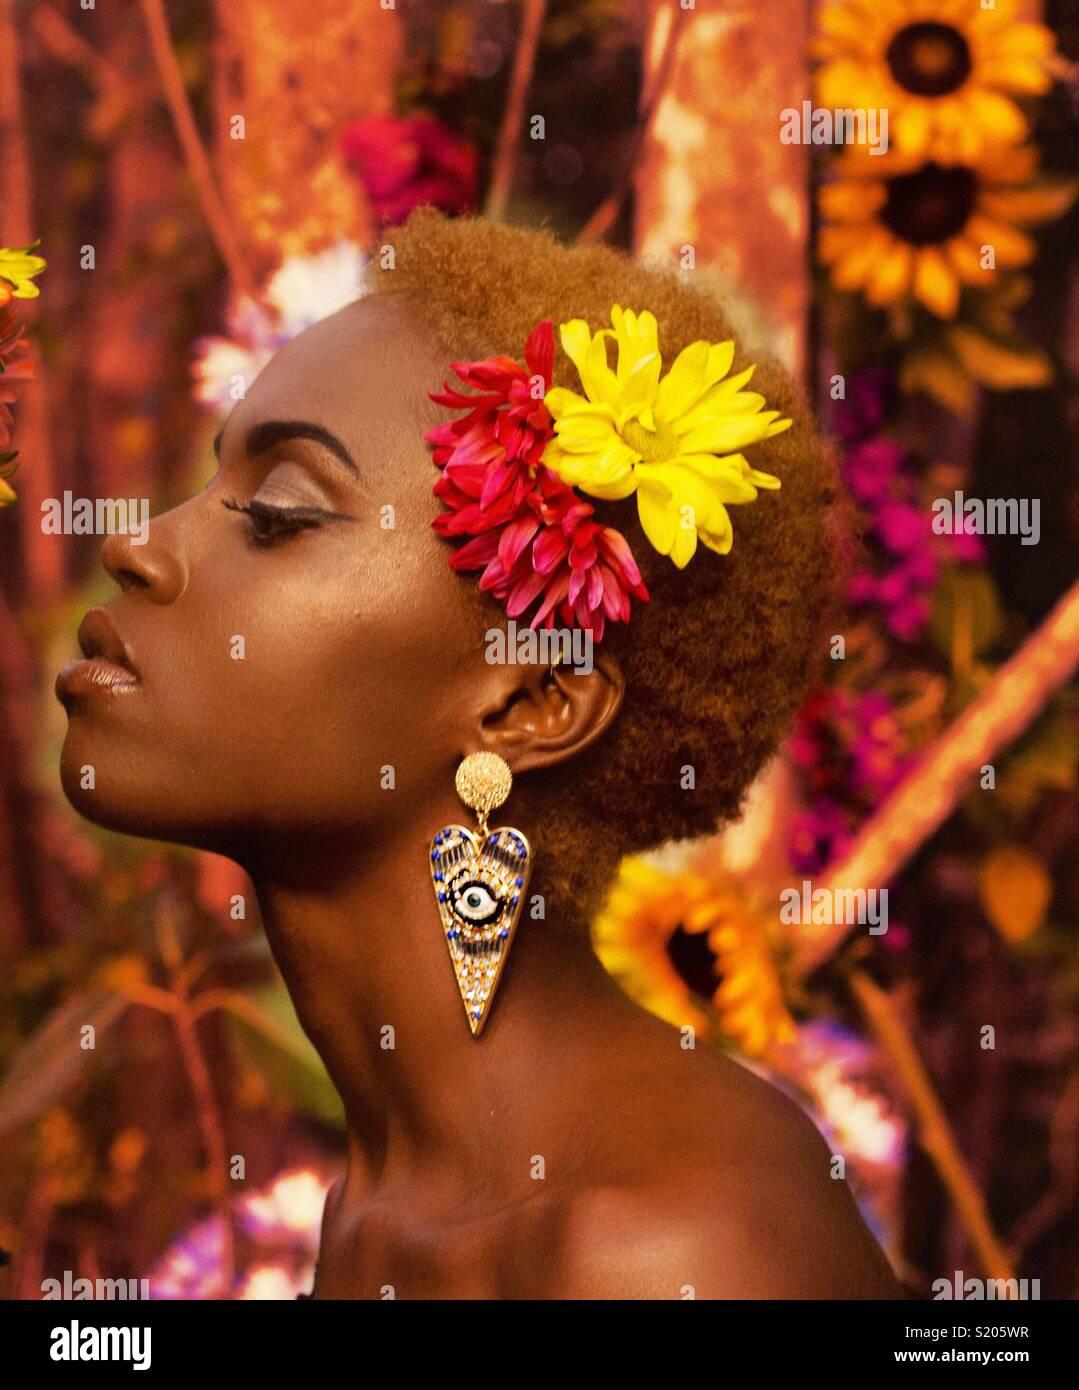 Flor mujer Imagen De Stock